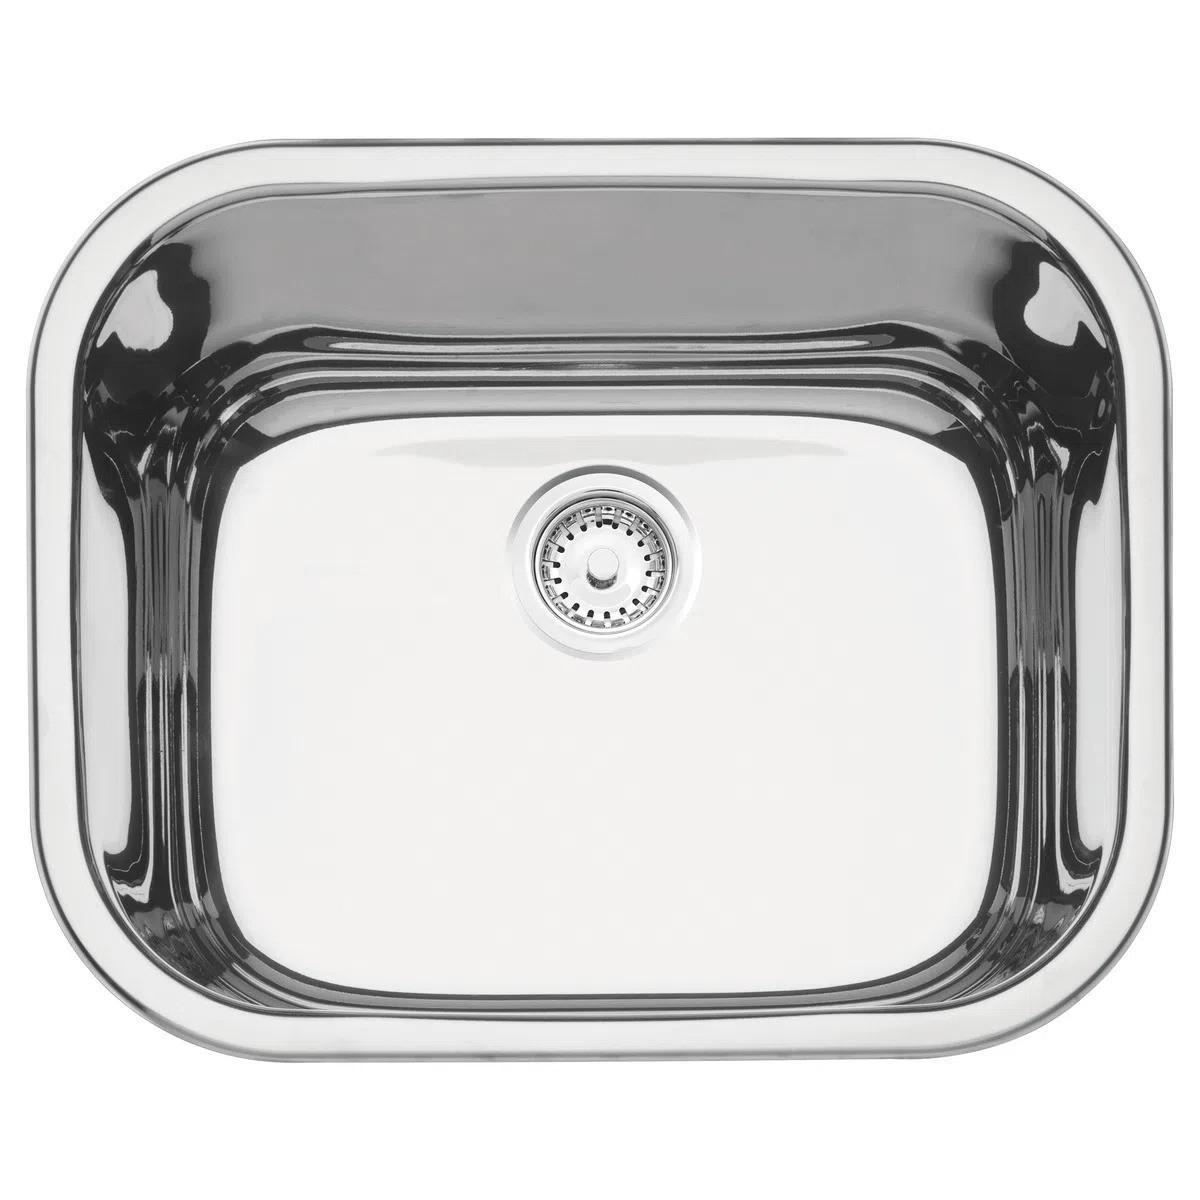 Cuba de embutir/sobrepor Tramontina Aria Maxi 50 BS em Aço Inox Polido 50x40 cm  - DOTEC SHOP